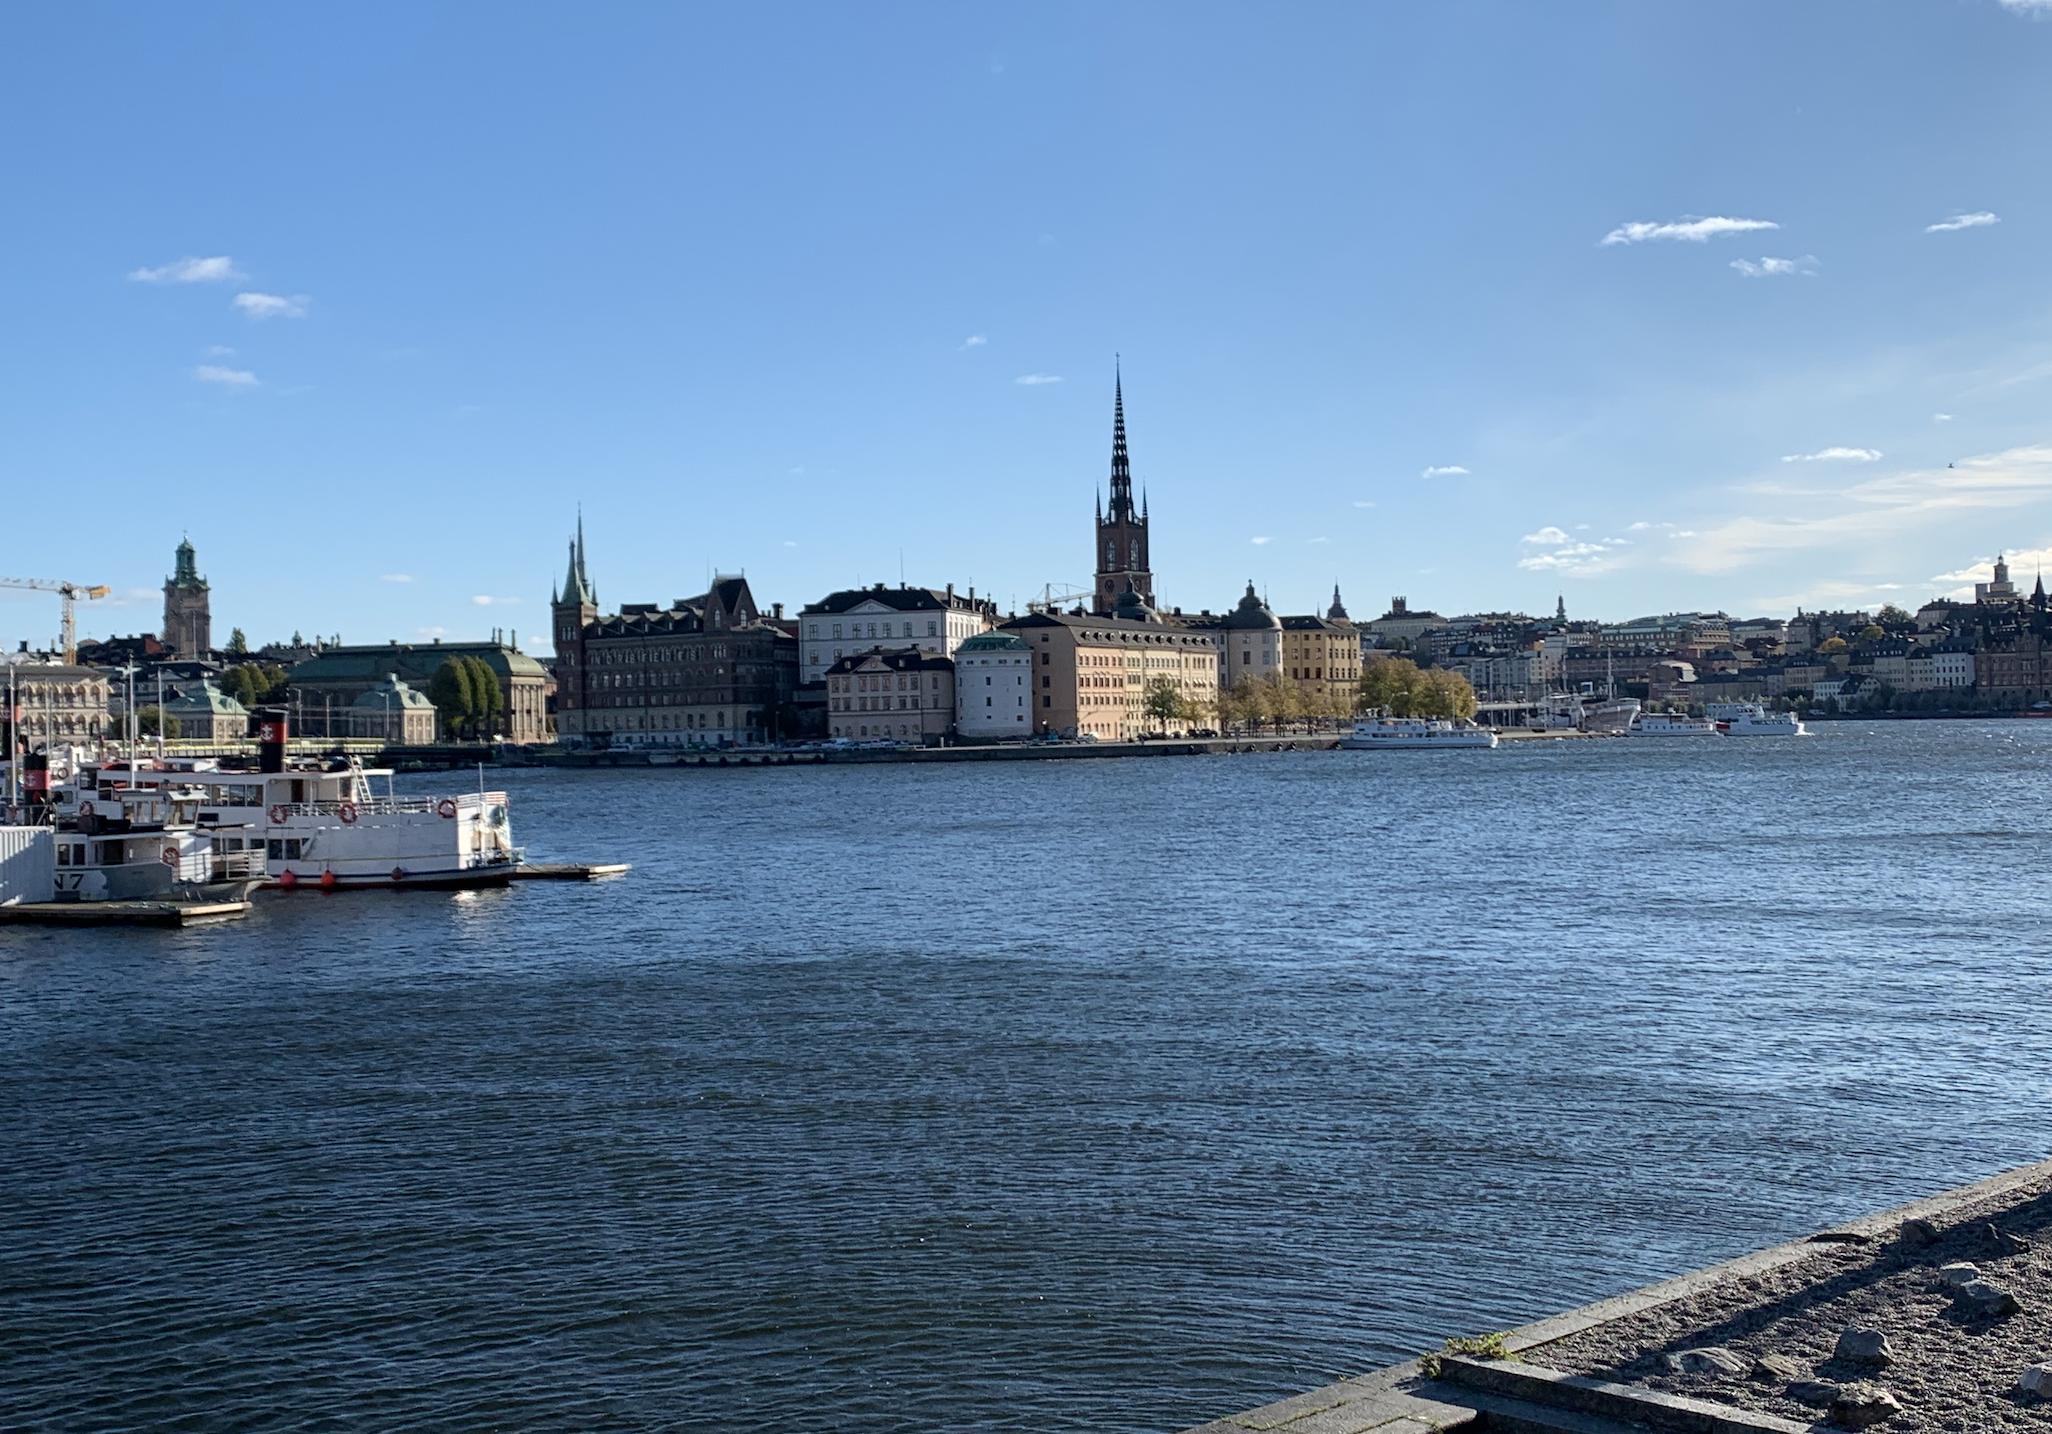 vue sur gamla stan depuis l'ile de kungsholmen